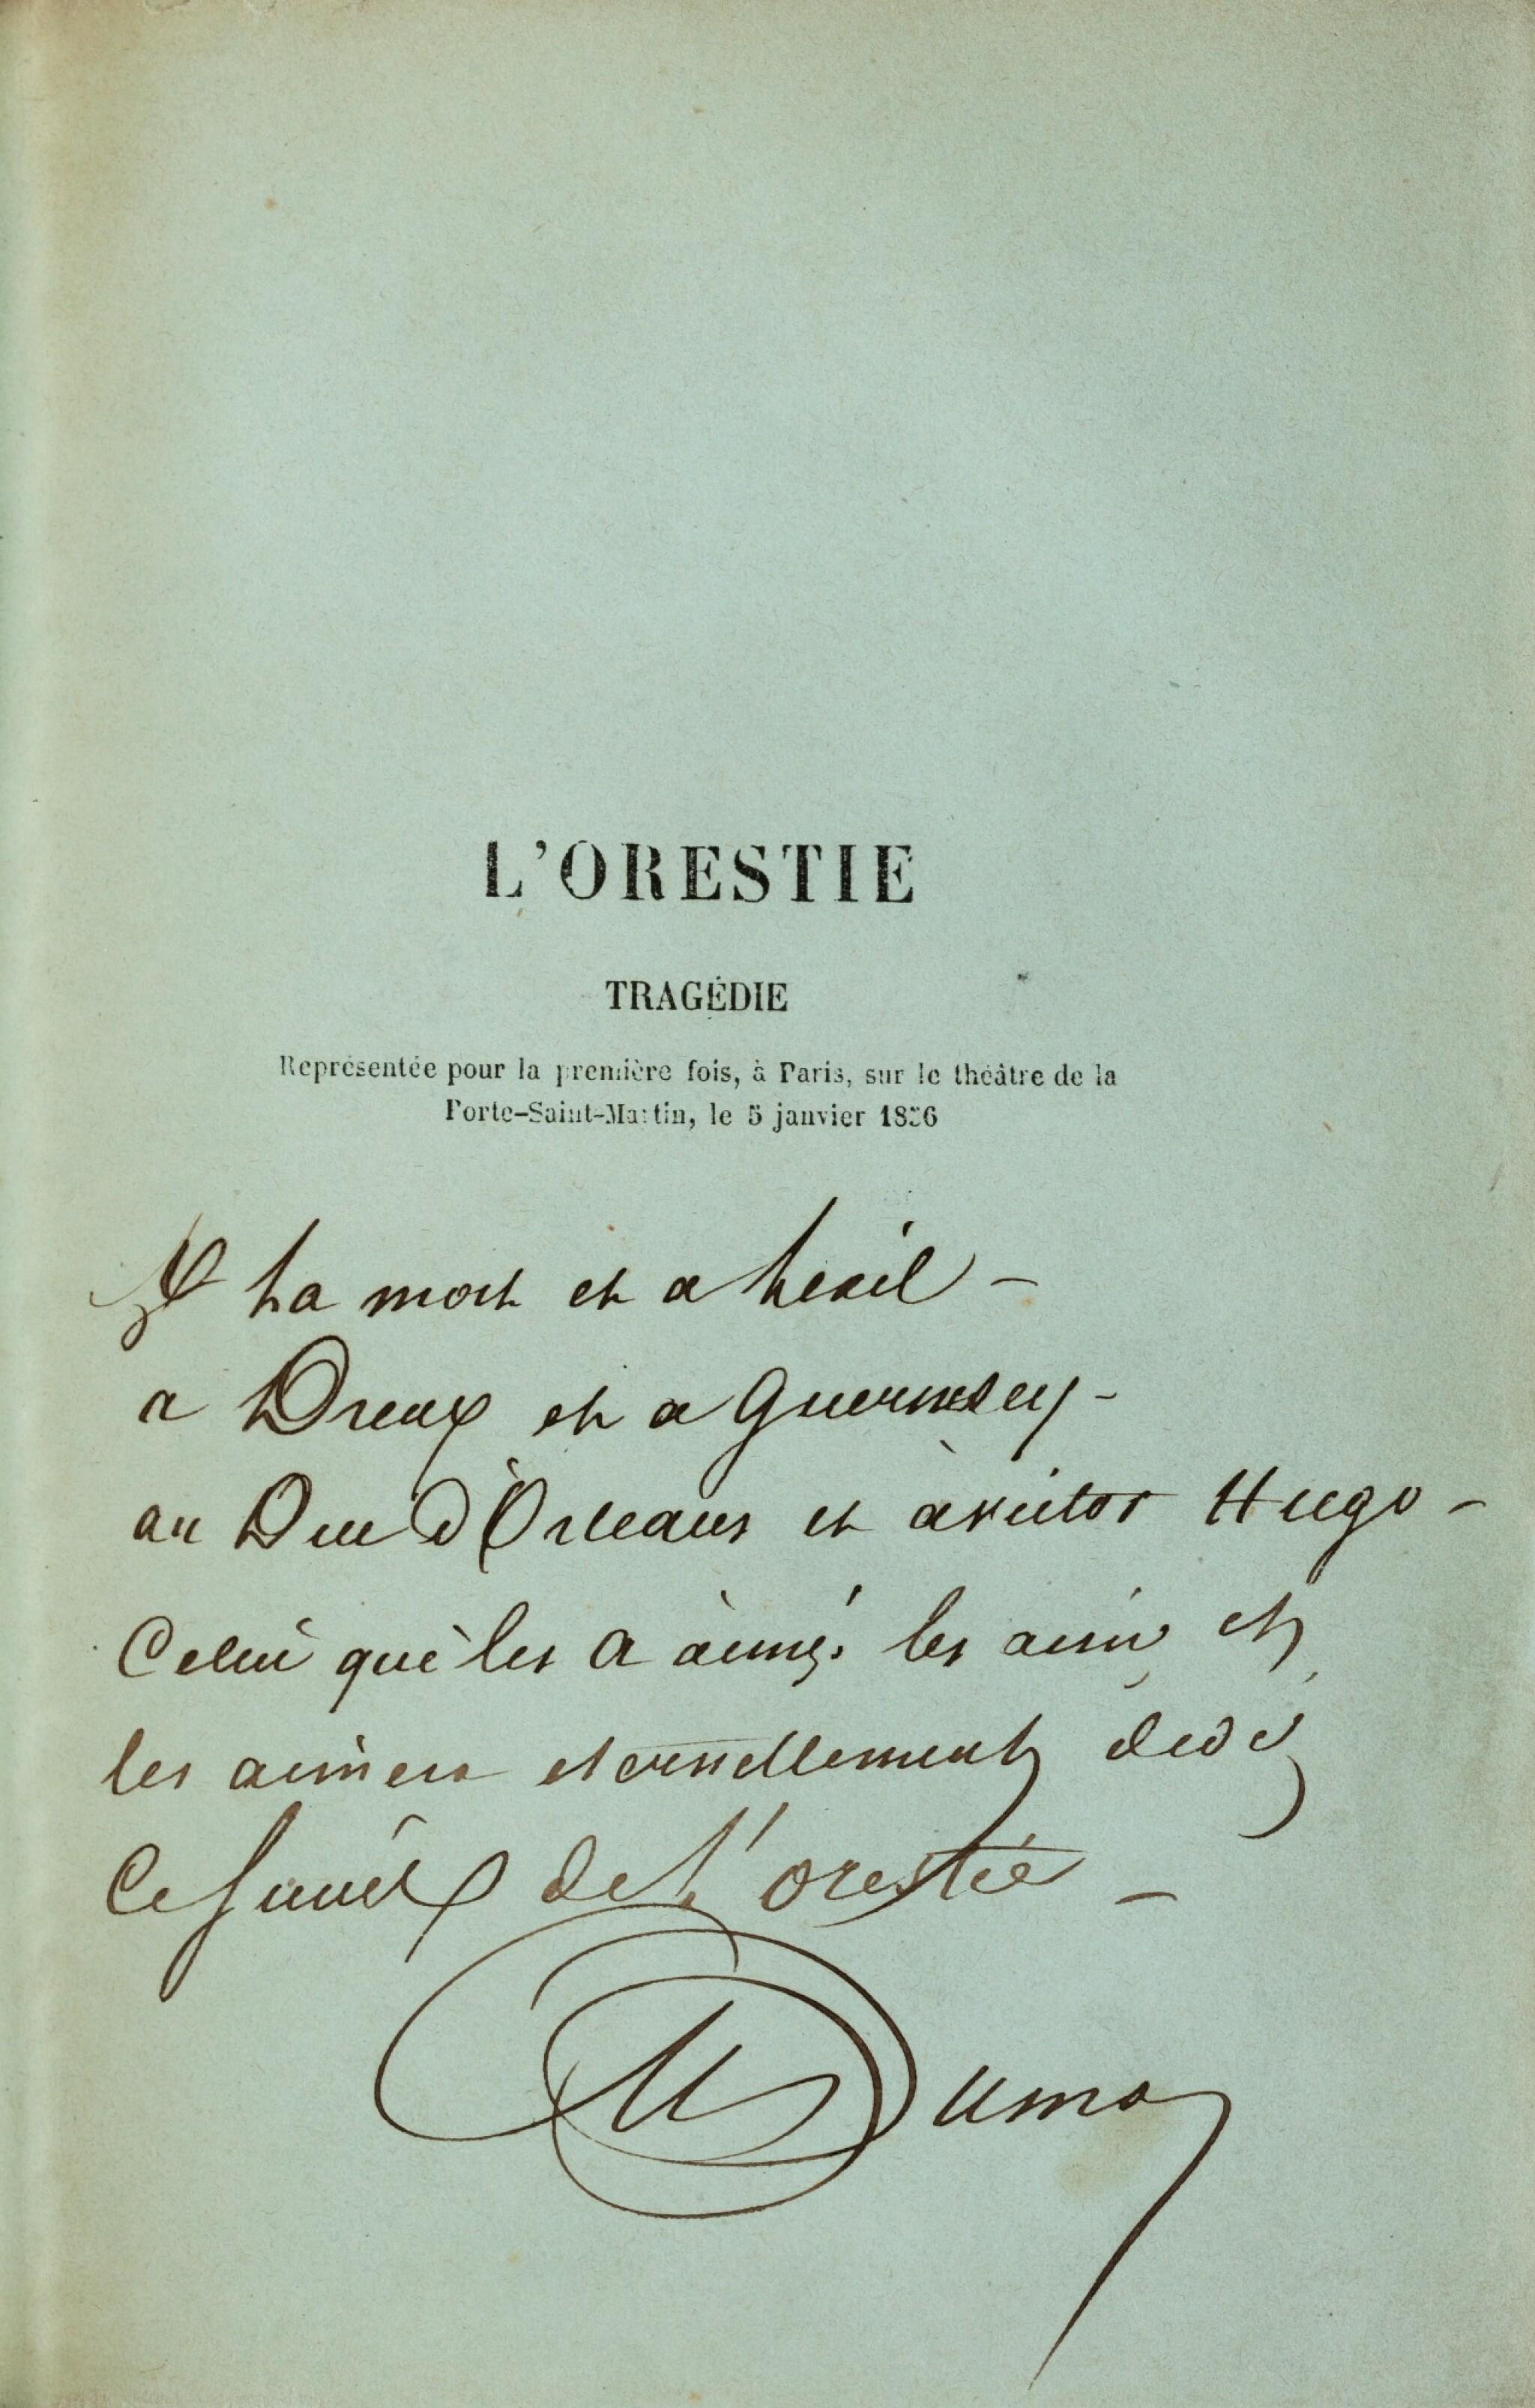 """View full screen - View 1 of Lot 94.  L'Orestie. 1856. Ed. originale. Rare exemplaire sur papier bleu, avec envoi """"à la mort et à l'exil...""""."""